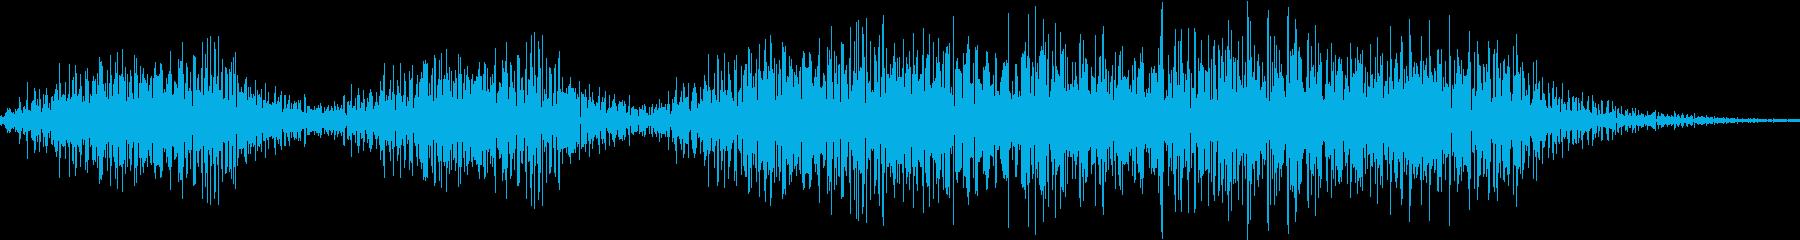 成功音の再生済みの波形